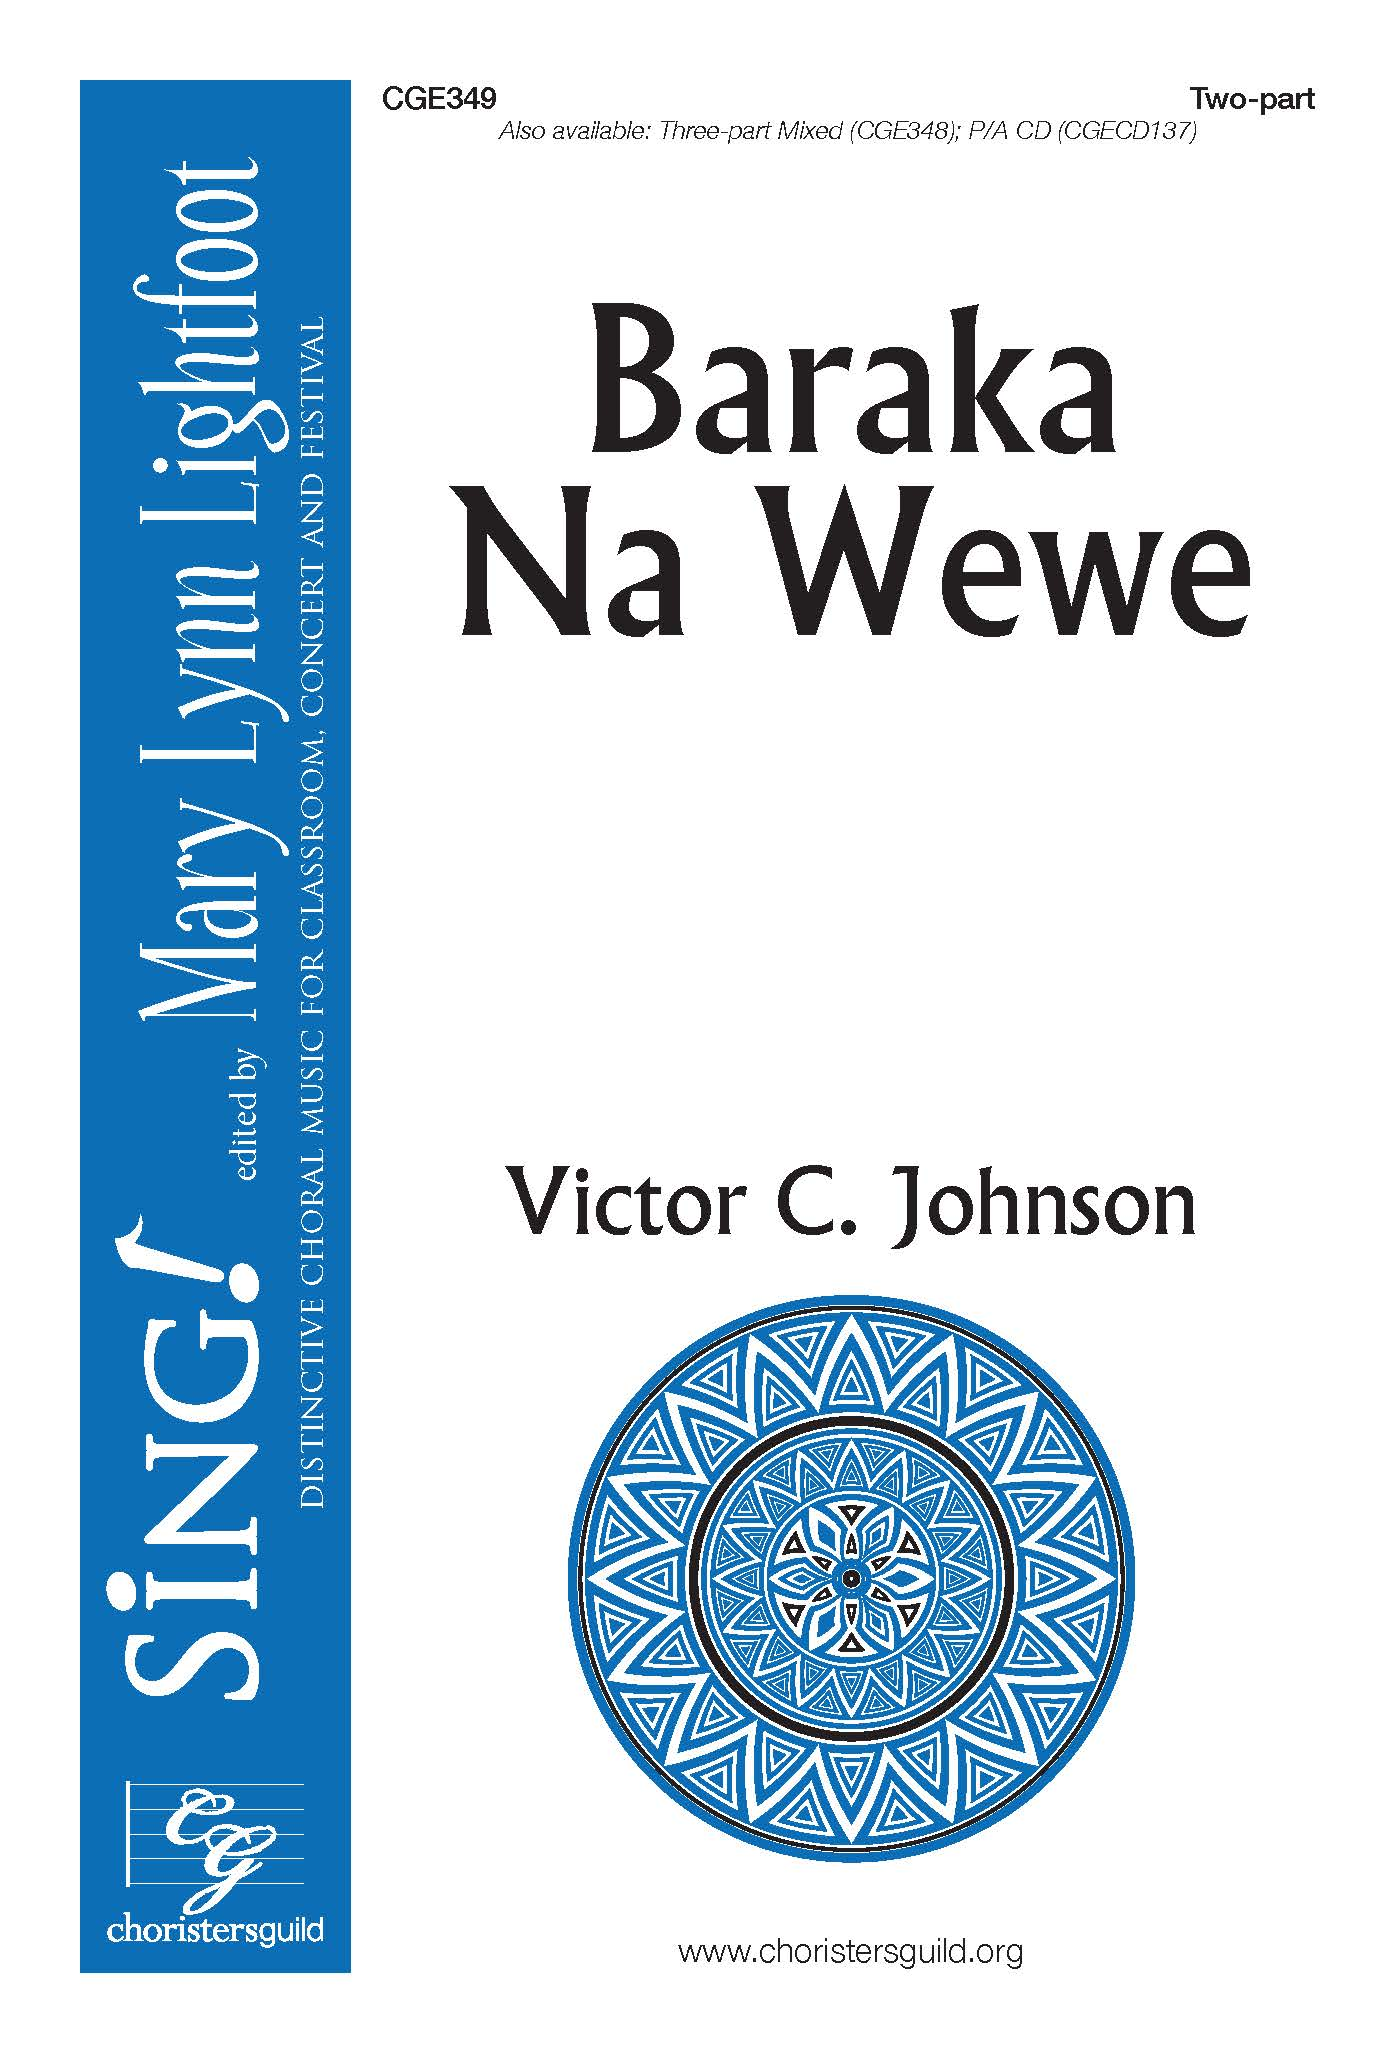 Baraka Na Wewe - Two-part